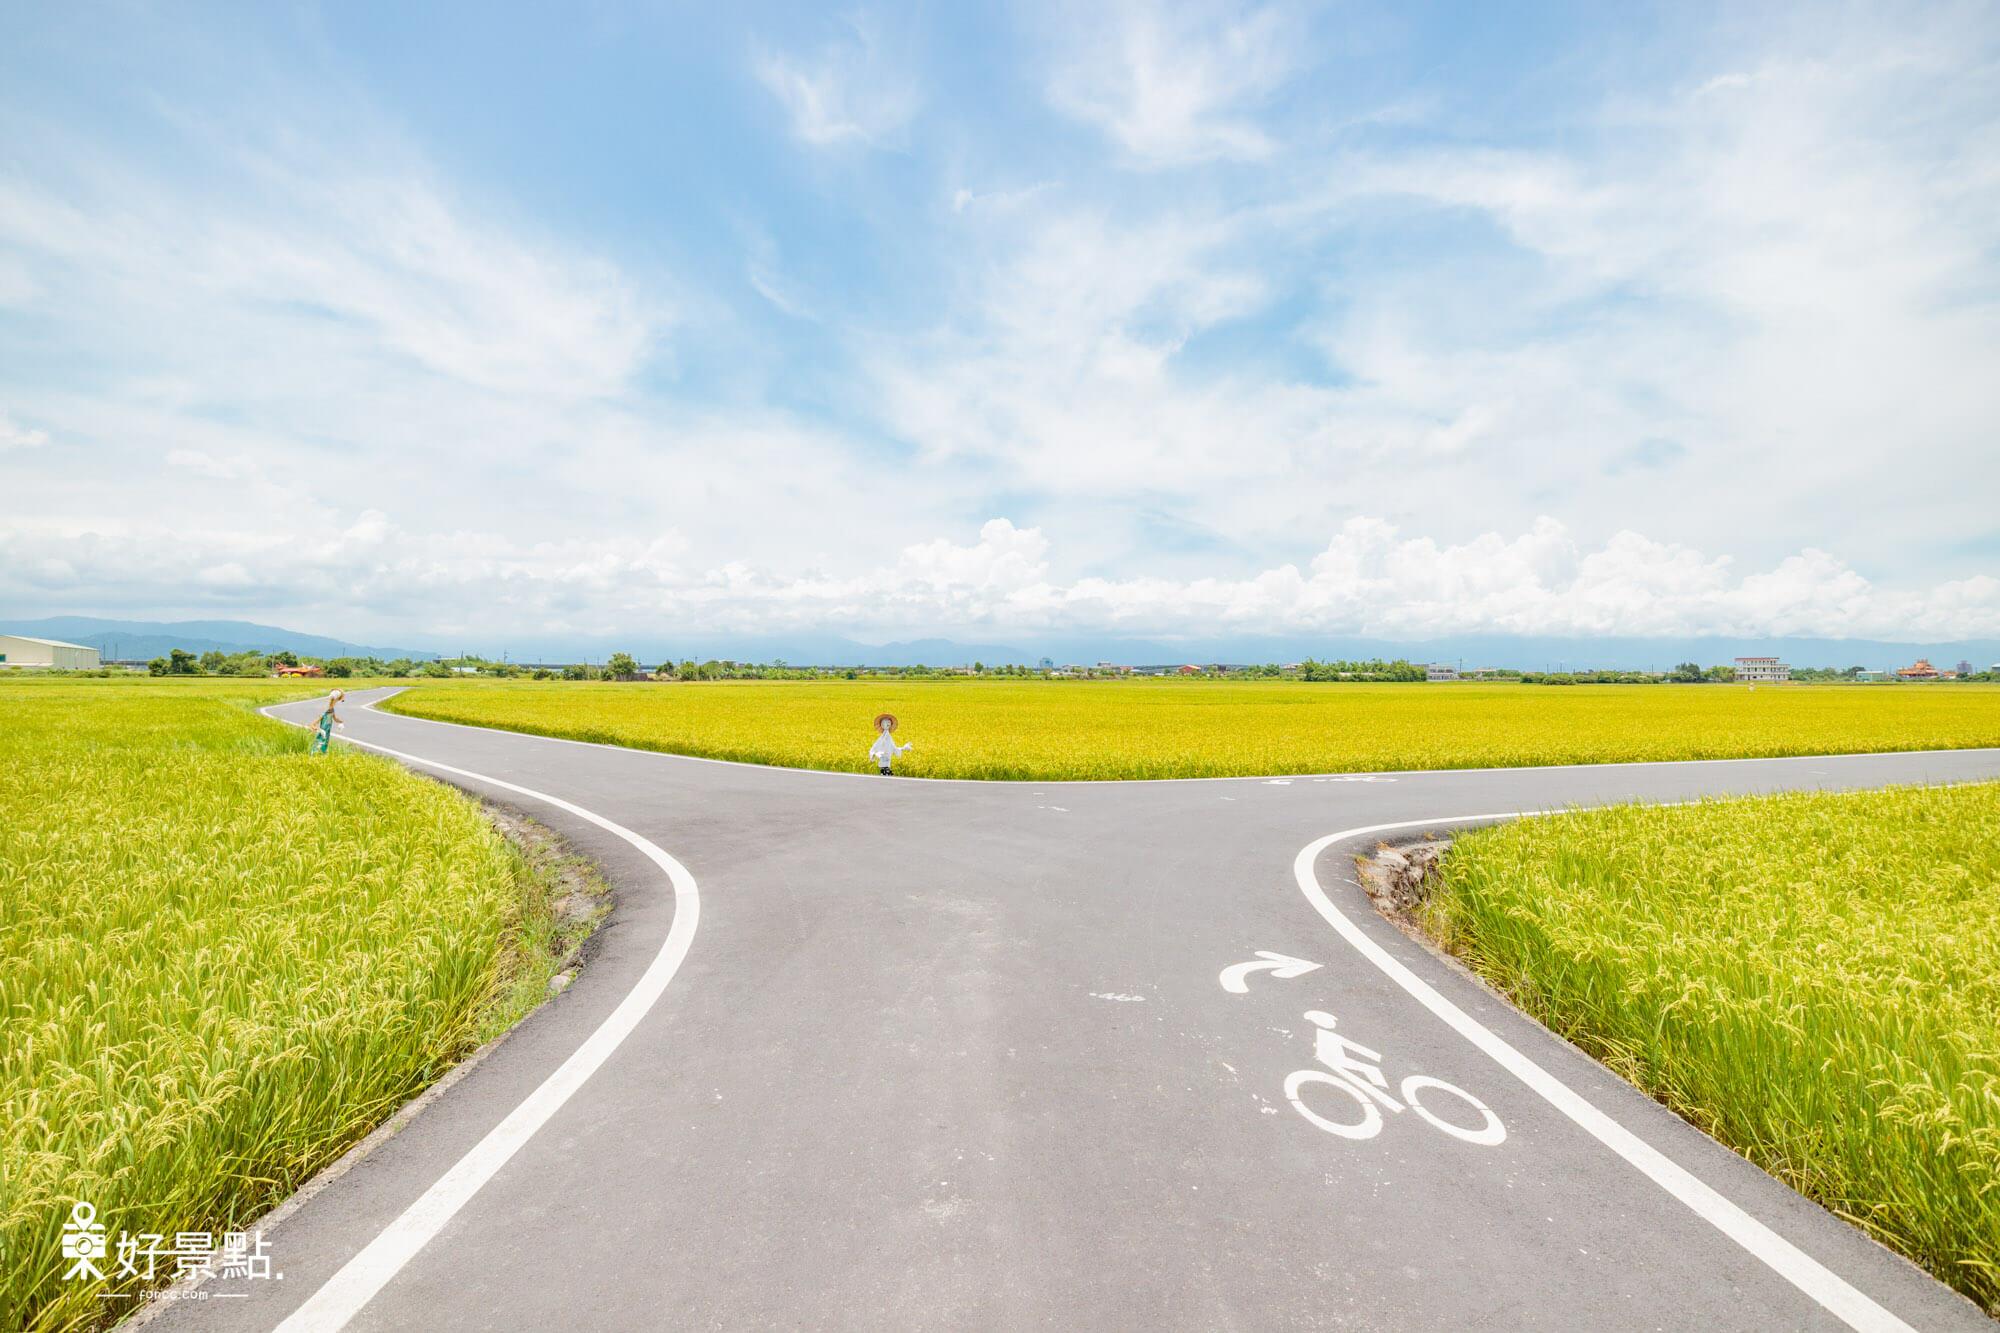 三奇伯朗大道(稻間美徑)一望無際稻田/公車搭乘方式/S型彎道